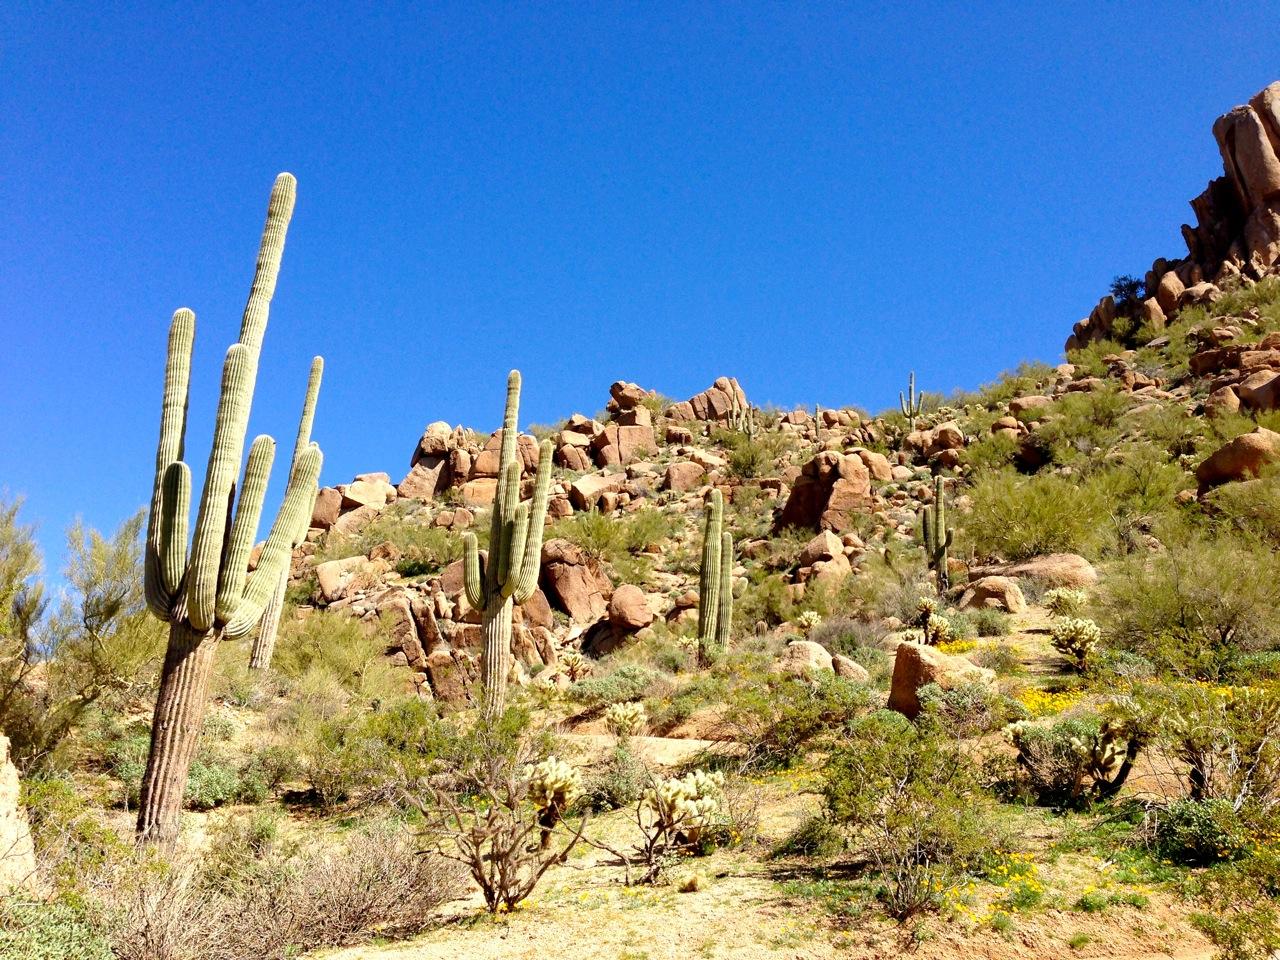 A cactus garden!